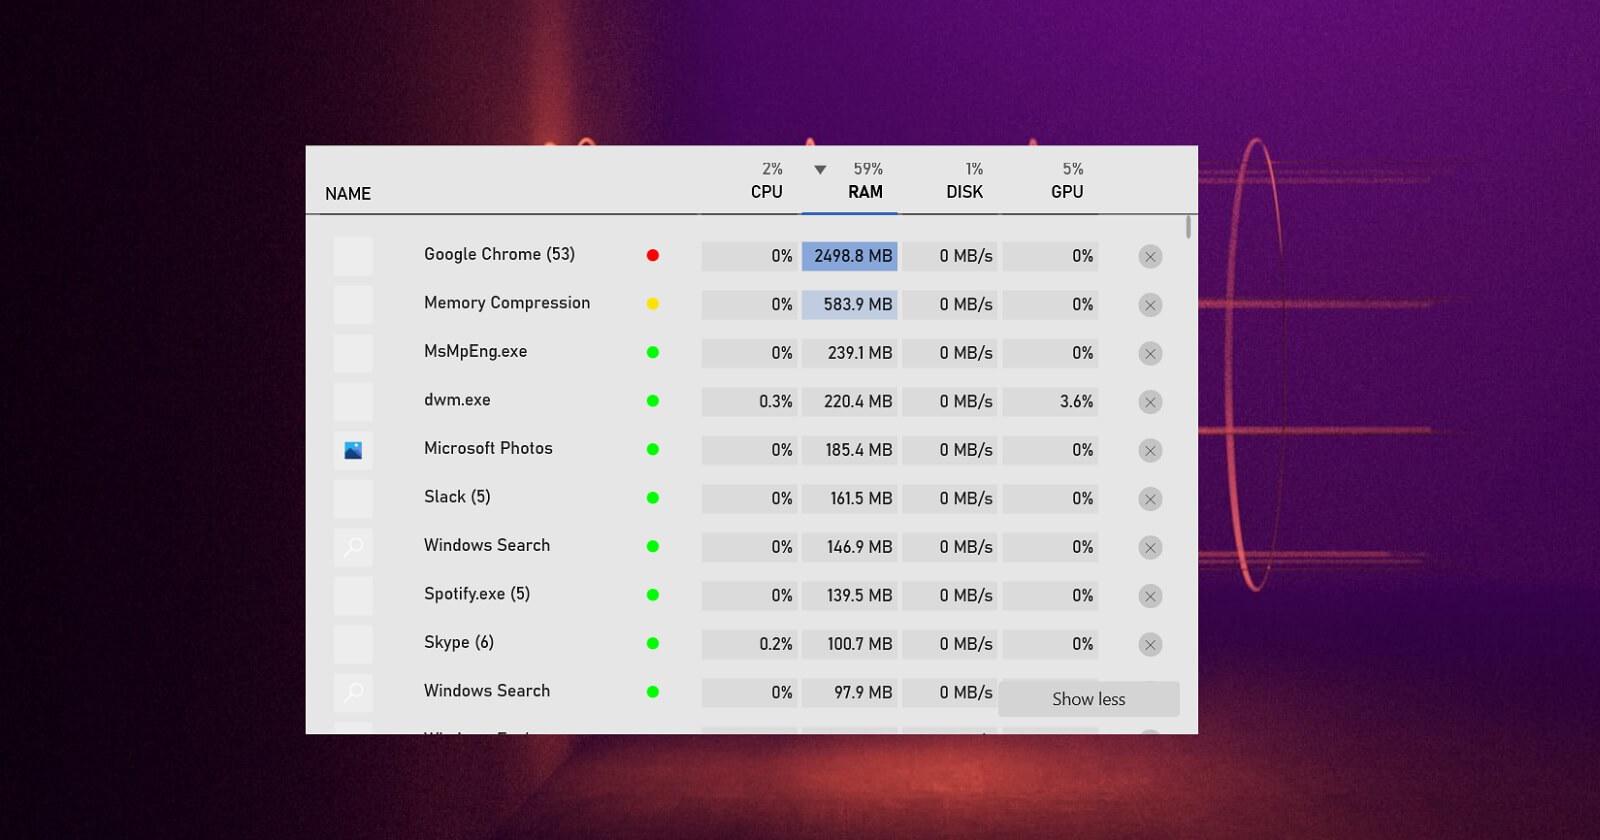 Windows 10 resources monitor widget